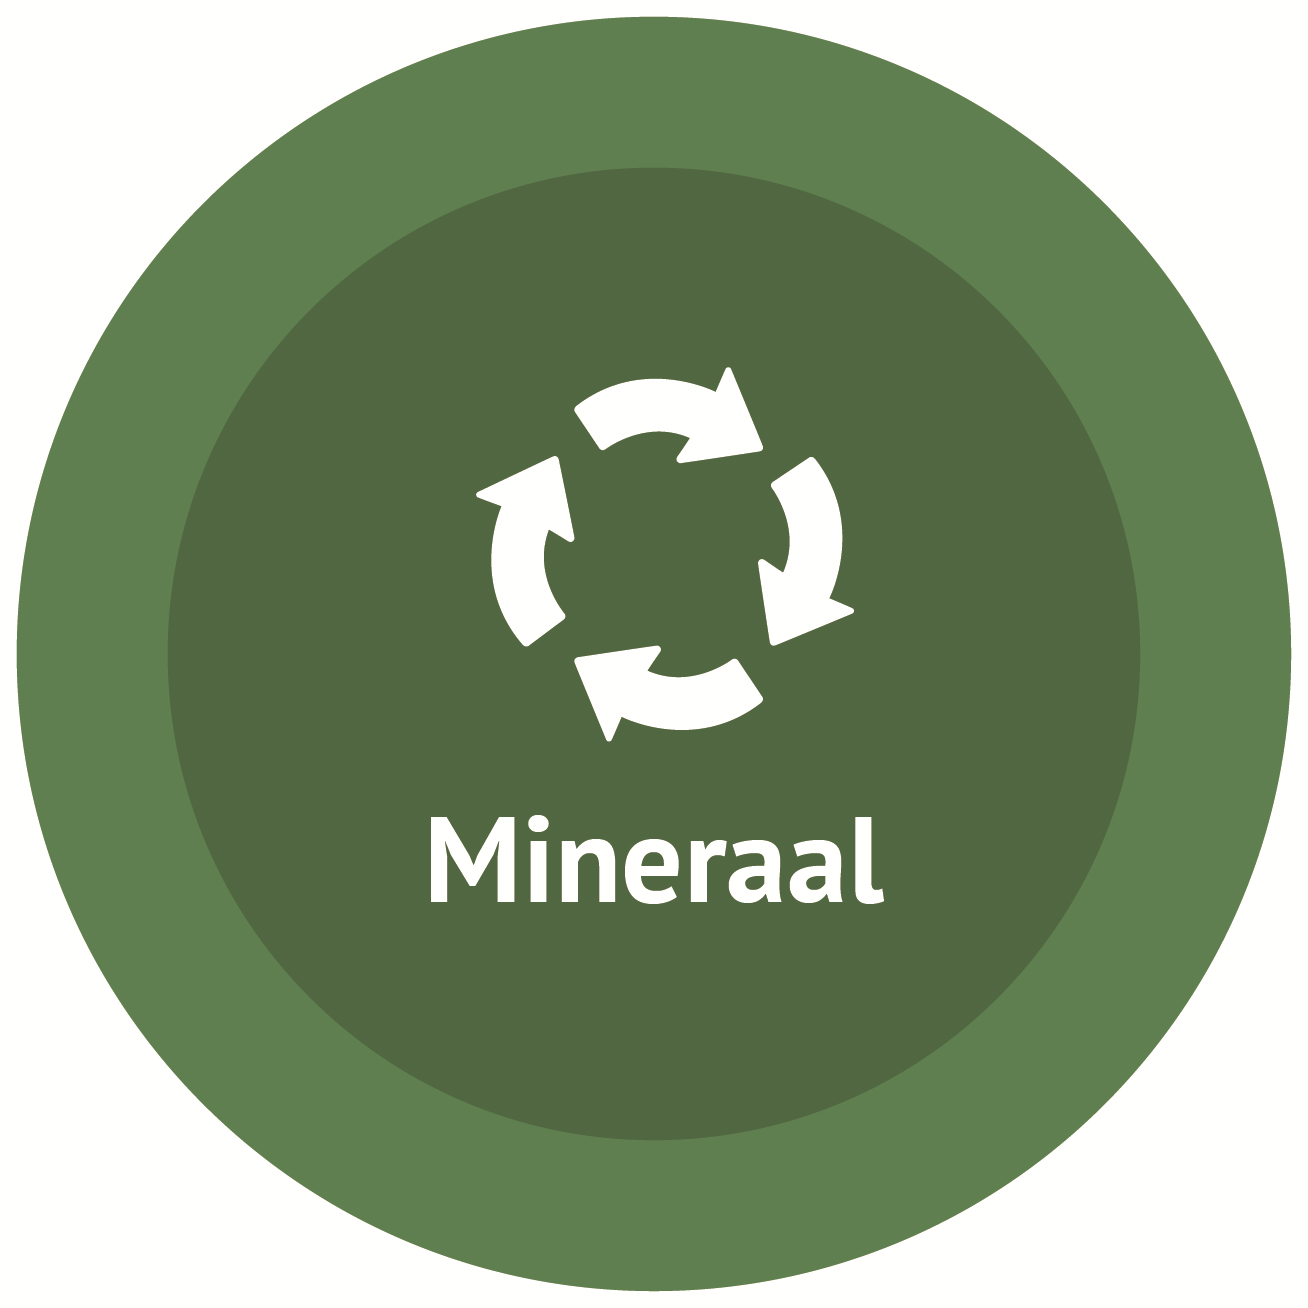 Mineraal